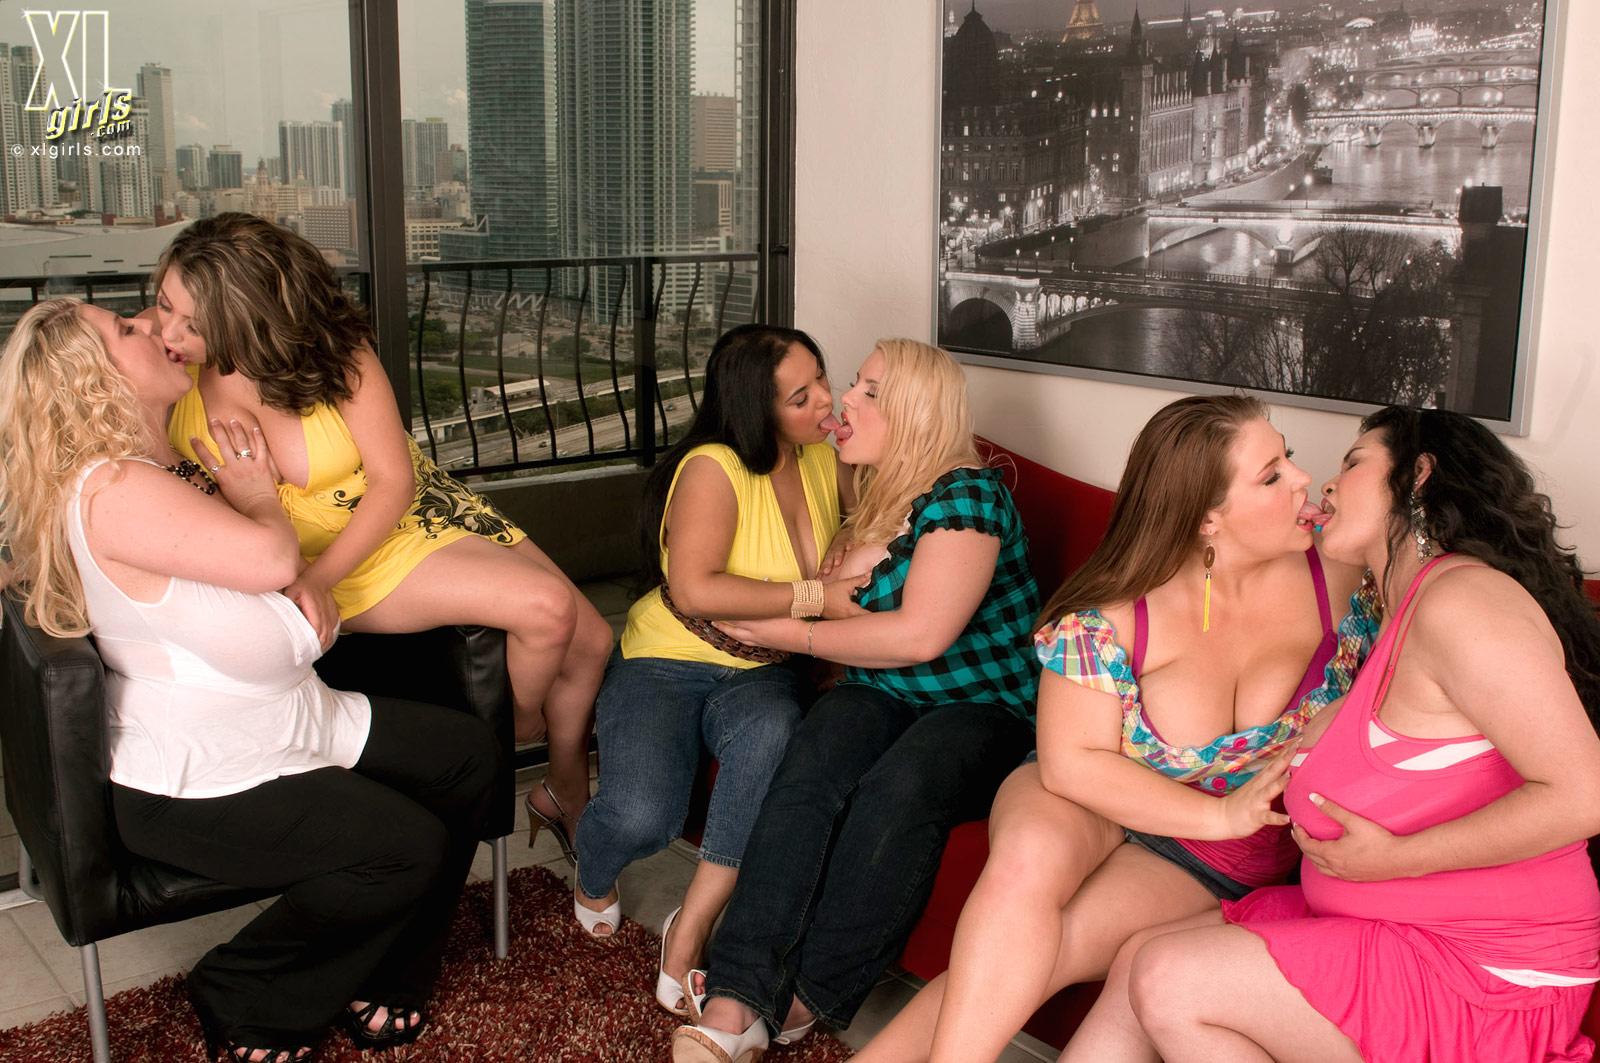 Consider, Bbw fat lesbian orgy